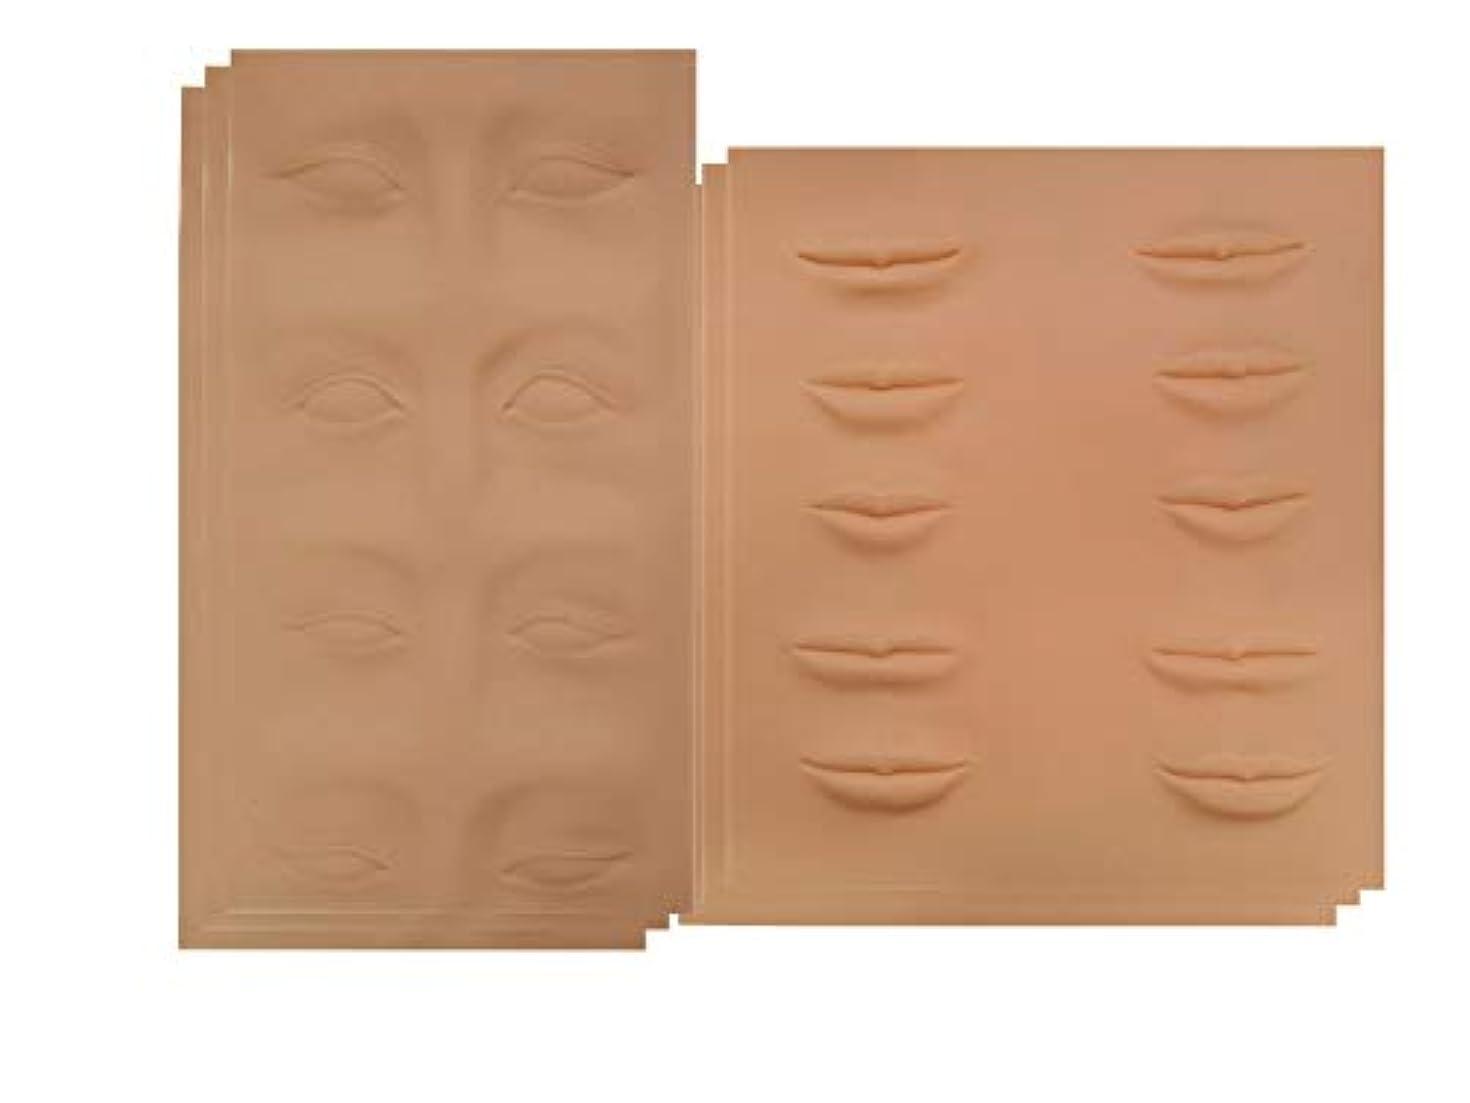 正しい撤退クリークアートメイク 入墨 タトゥ メイク 練習 シートマット 眉タトゥー リップタトゥー 練習ゴムシートアートメイク材料 眉 リップ 2種類セット (1セット~10セット) (3セット(6枚))